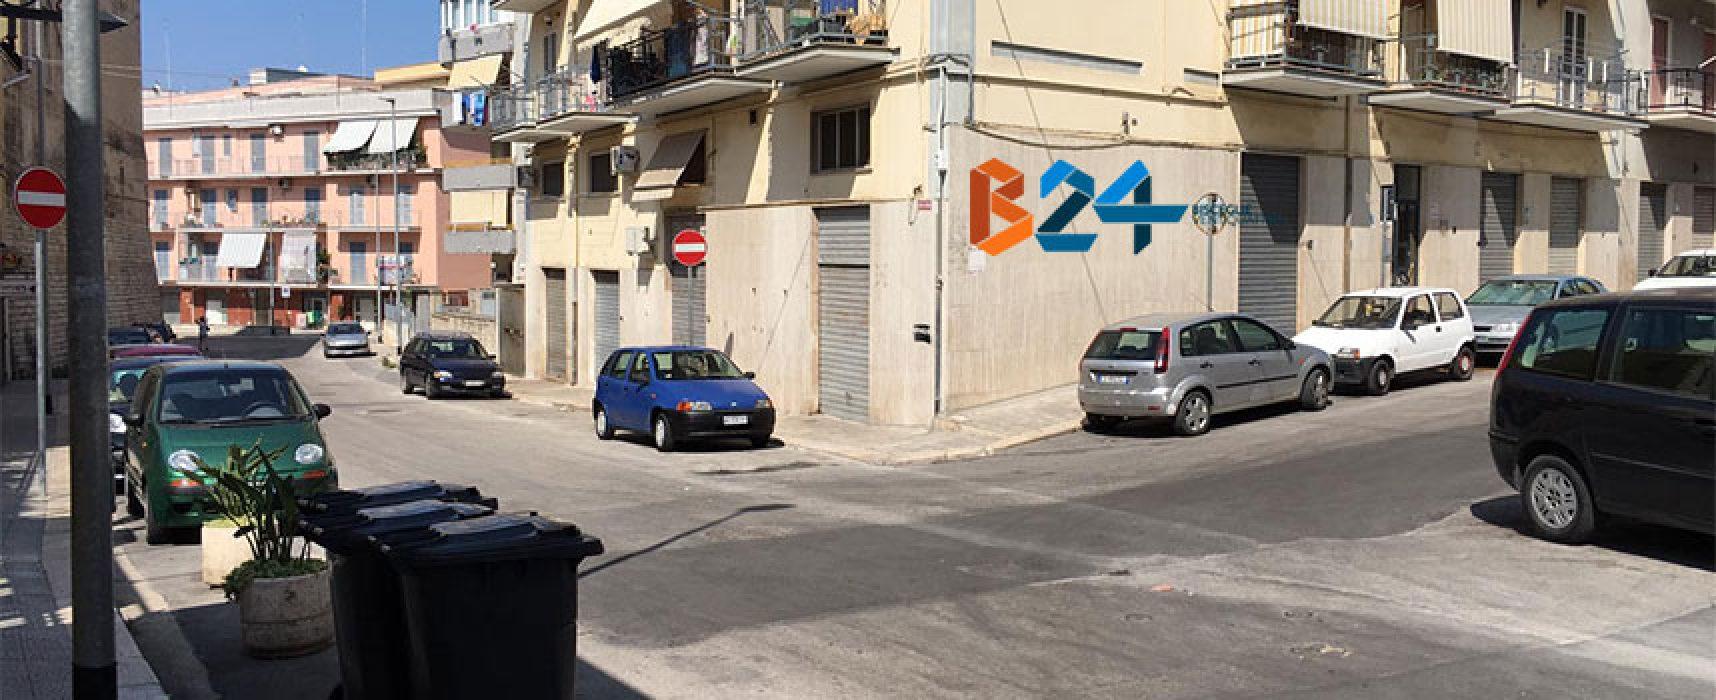 Inversione marcia via Porto, commercianti e residenti via Fragata presentano petizione al Comune